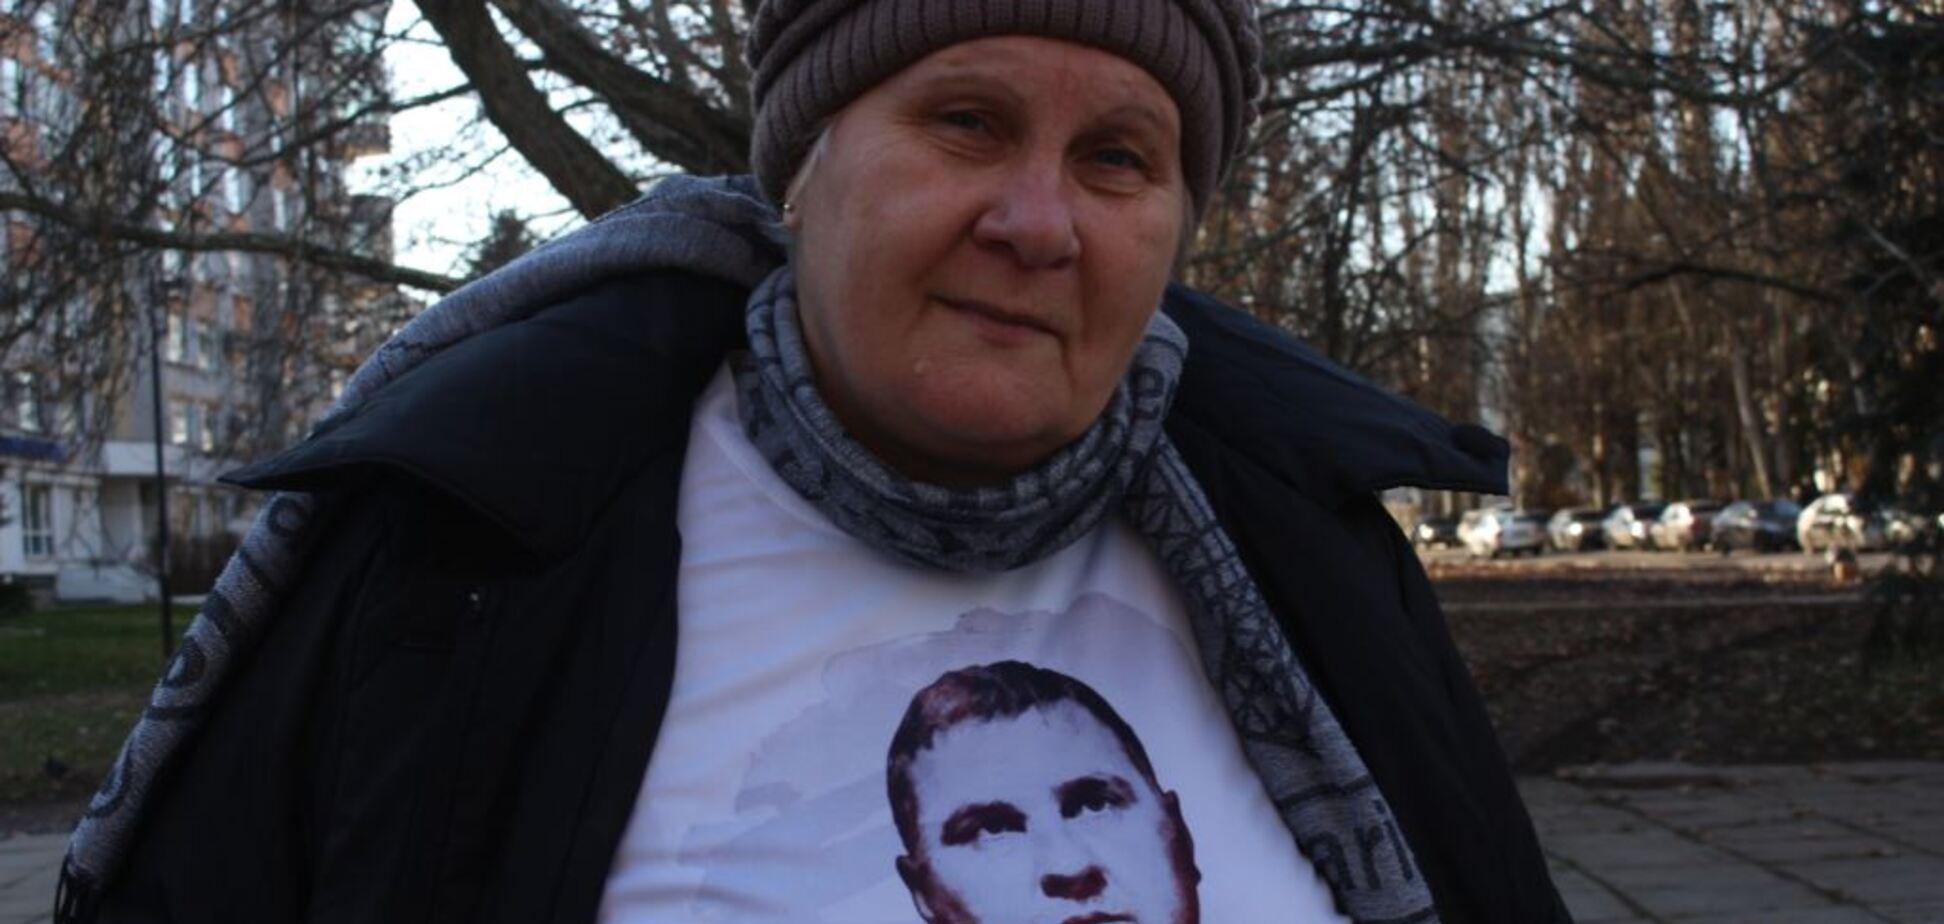 'Еда с мухами и личинками': мать 'украинского диверсанта' рассказала об издевательствах над сыном